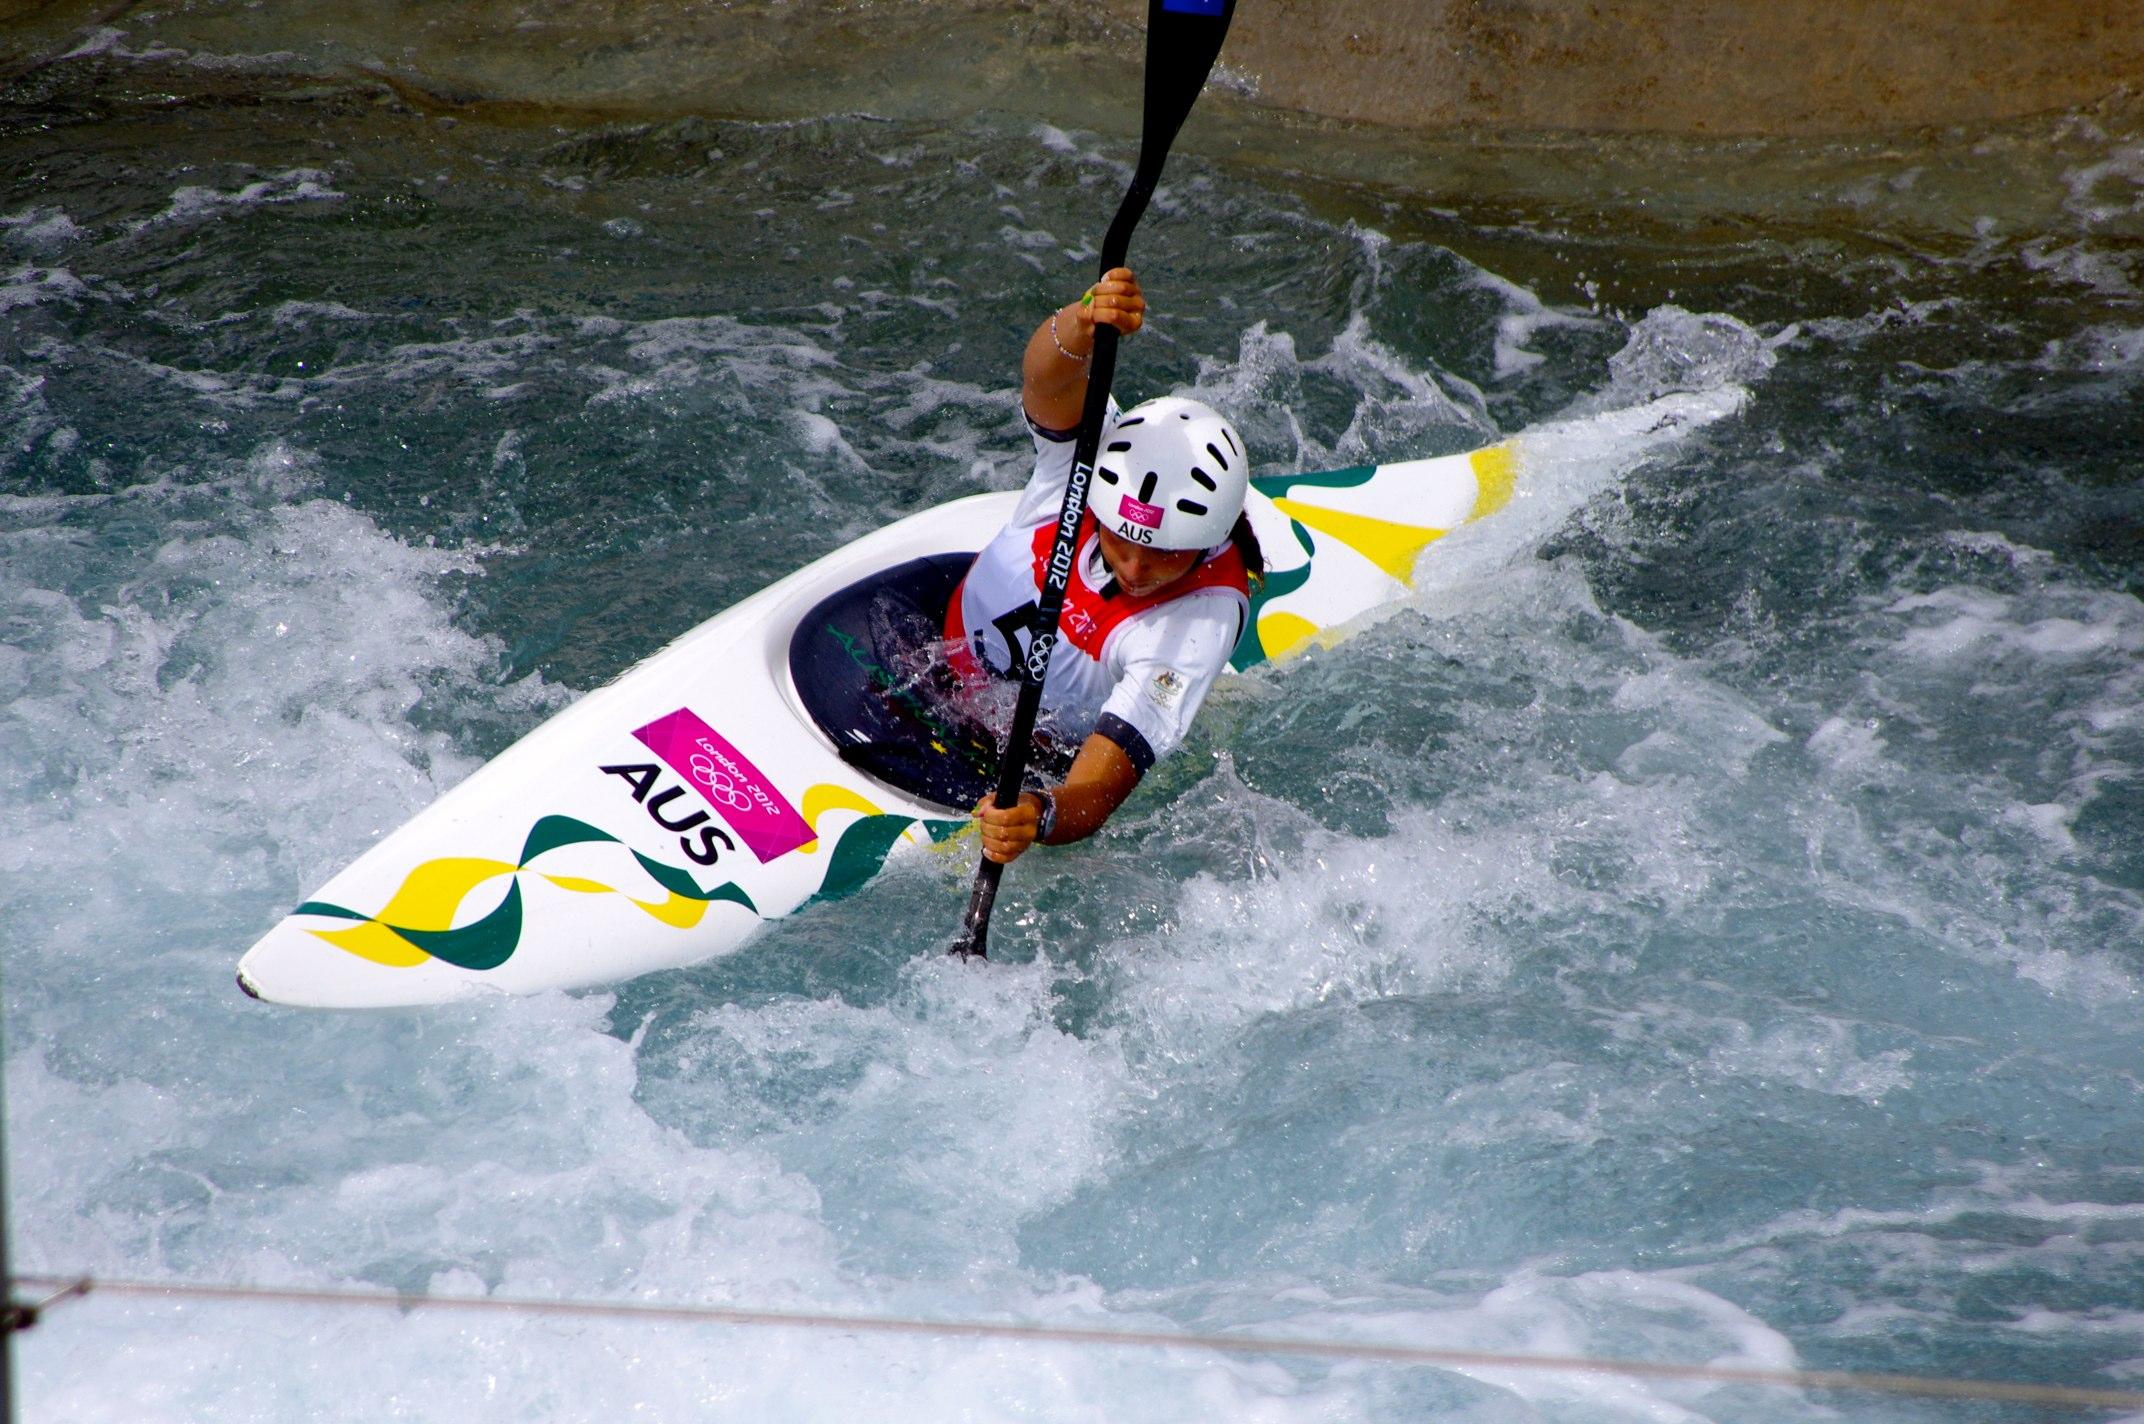 FileSlalom Canoeing 2012 Olympics W K1 AUS Jessica Fox